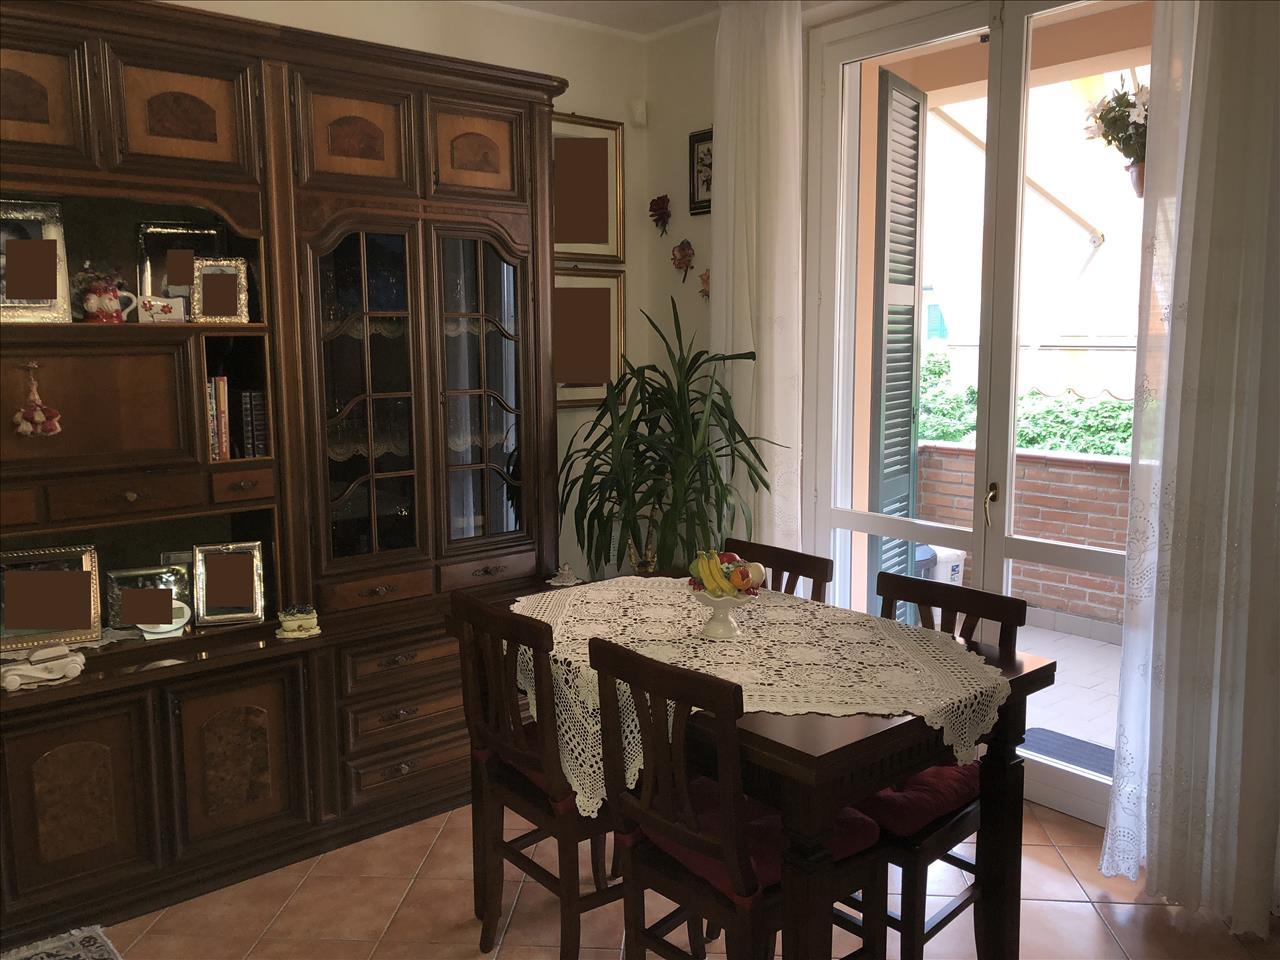 Appartamento in vendita a San Giorgio Piacentino, 3 locali, prezzo € 145.000 | CambioCasa.it